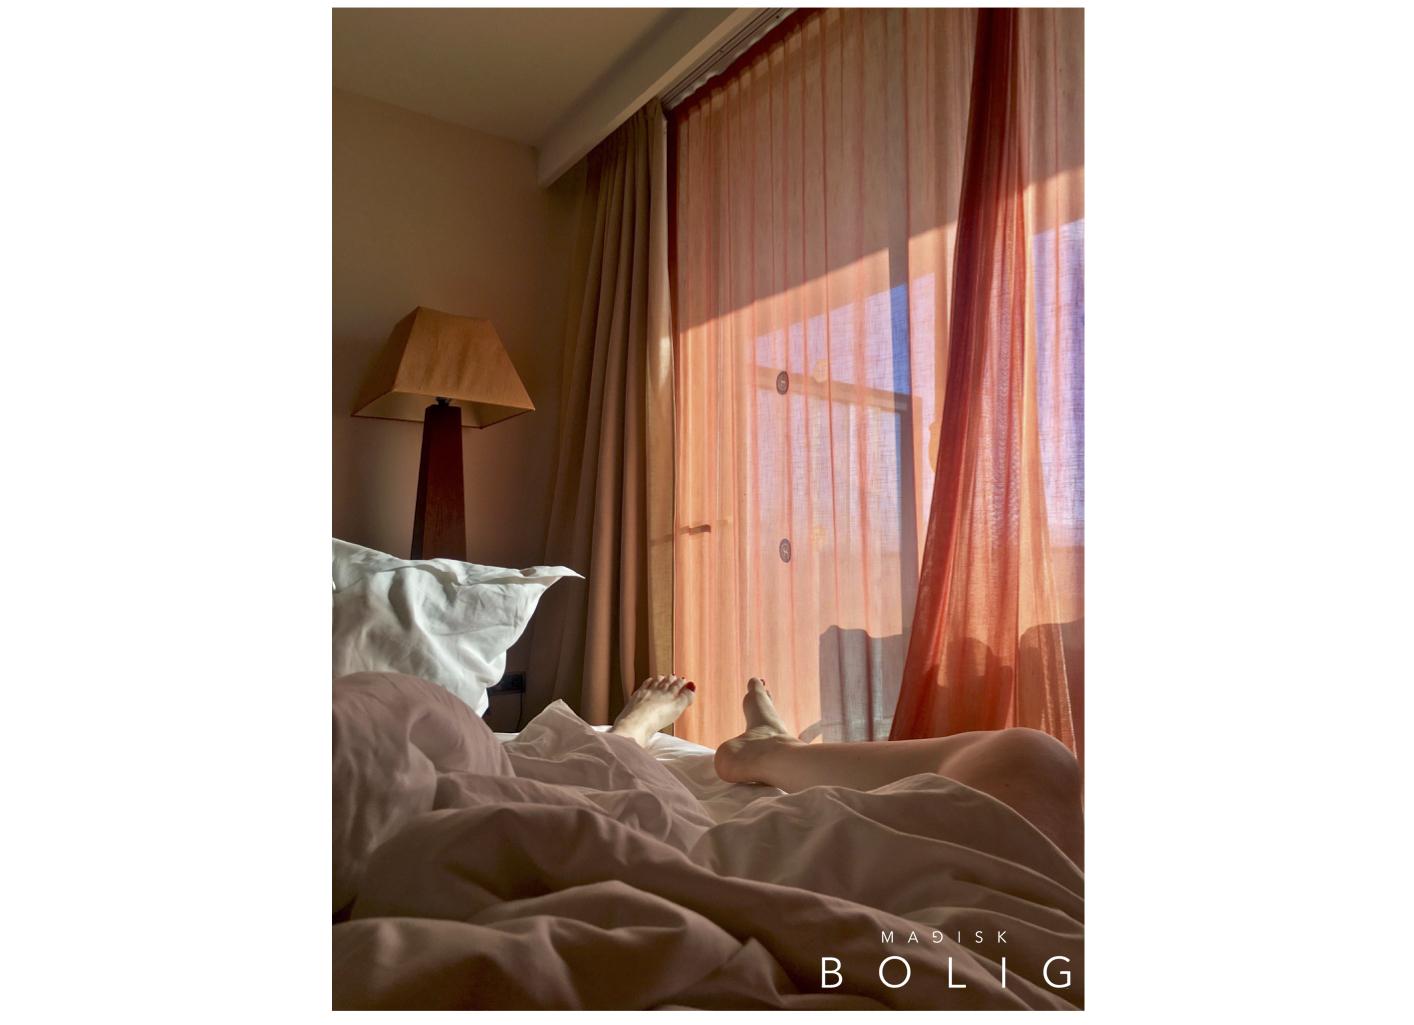 langsomhed-konmari-marie-kondo-bed-room-seng-sovevaerelse-relax